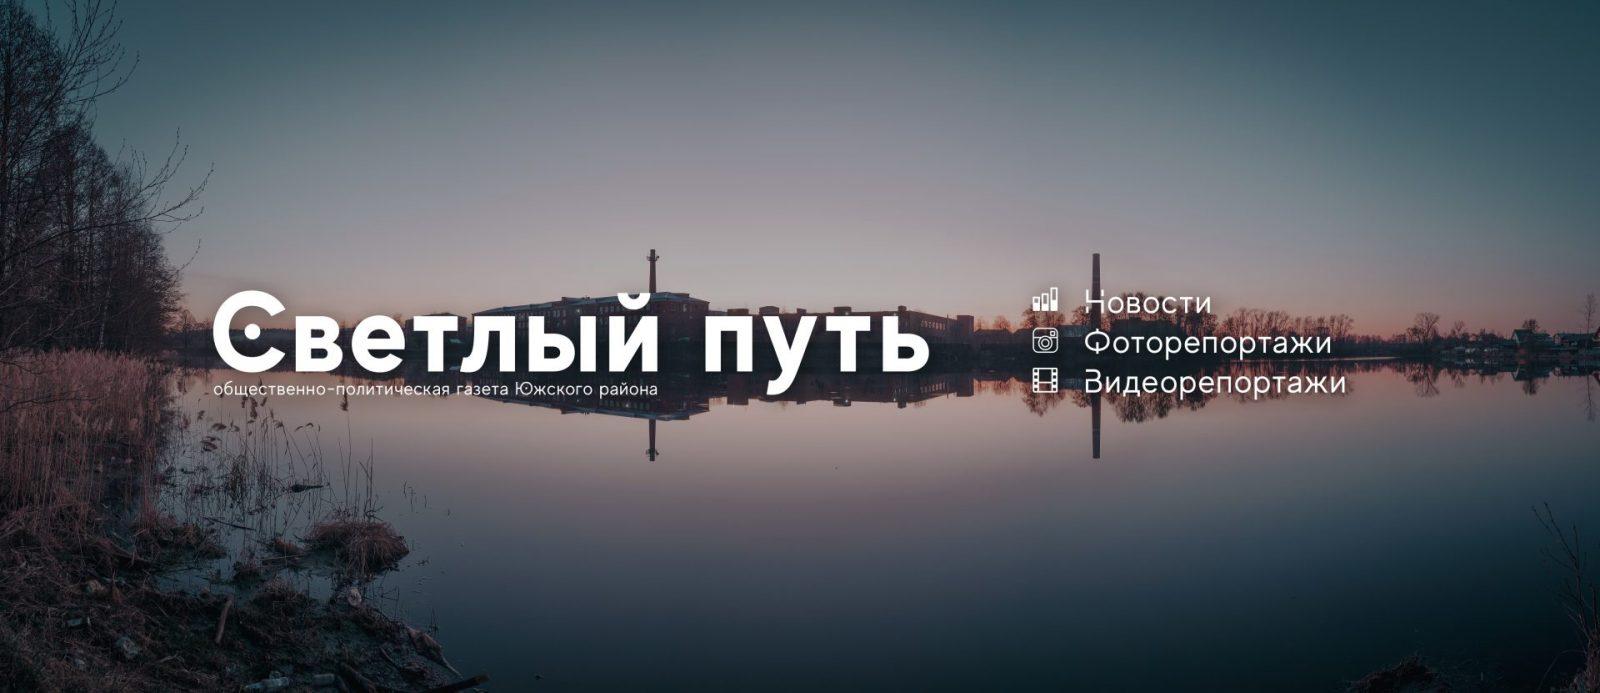 """Редакция газеты """"Светлый путь"""""""